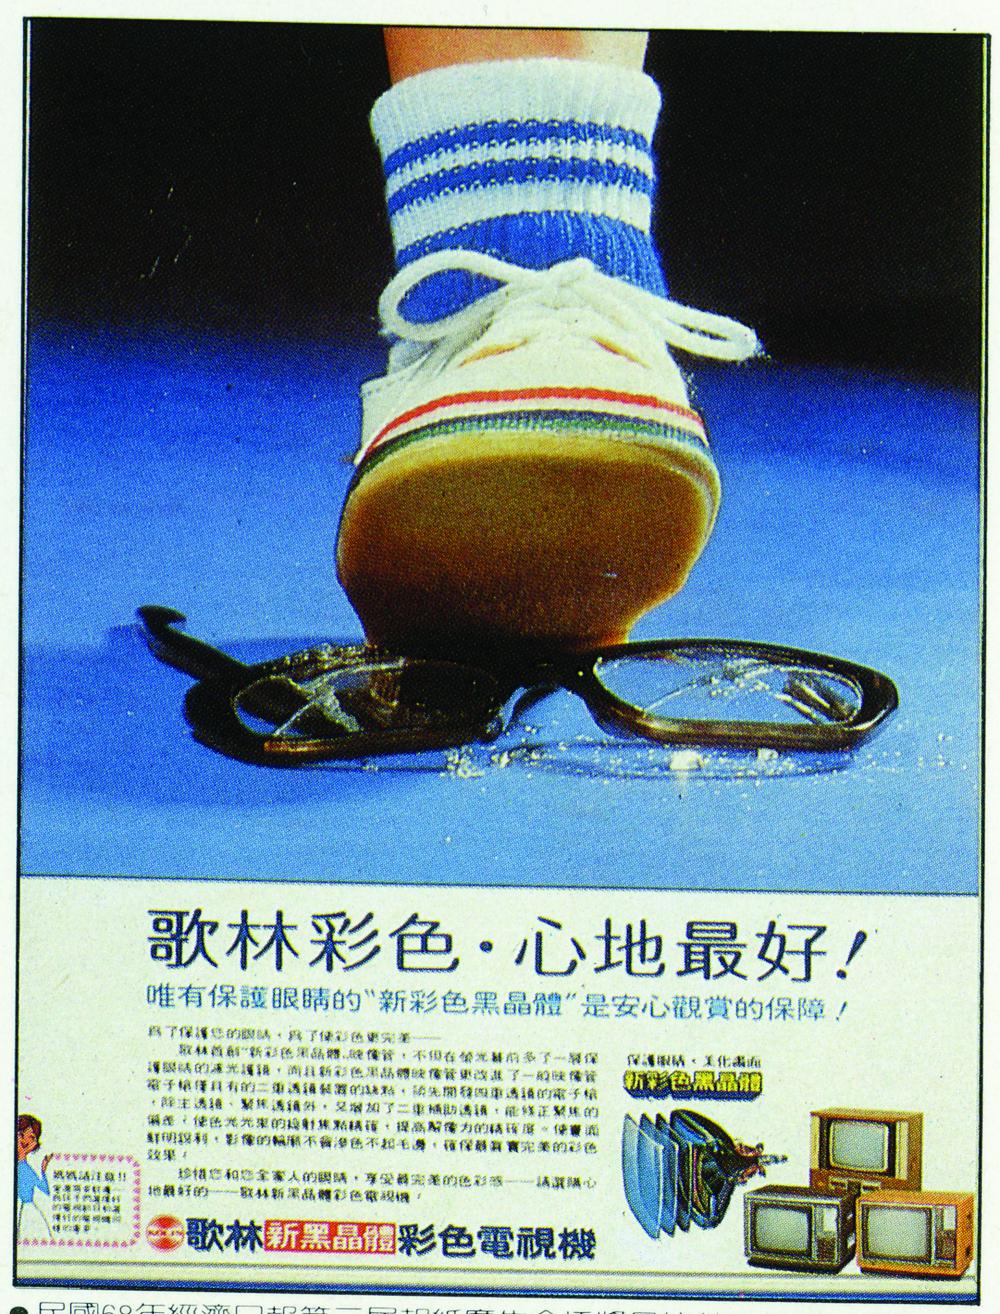 1979第二屆金橋獎最佳攝影銀牌獎.jpg